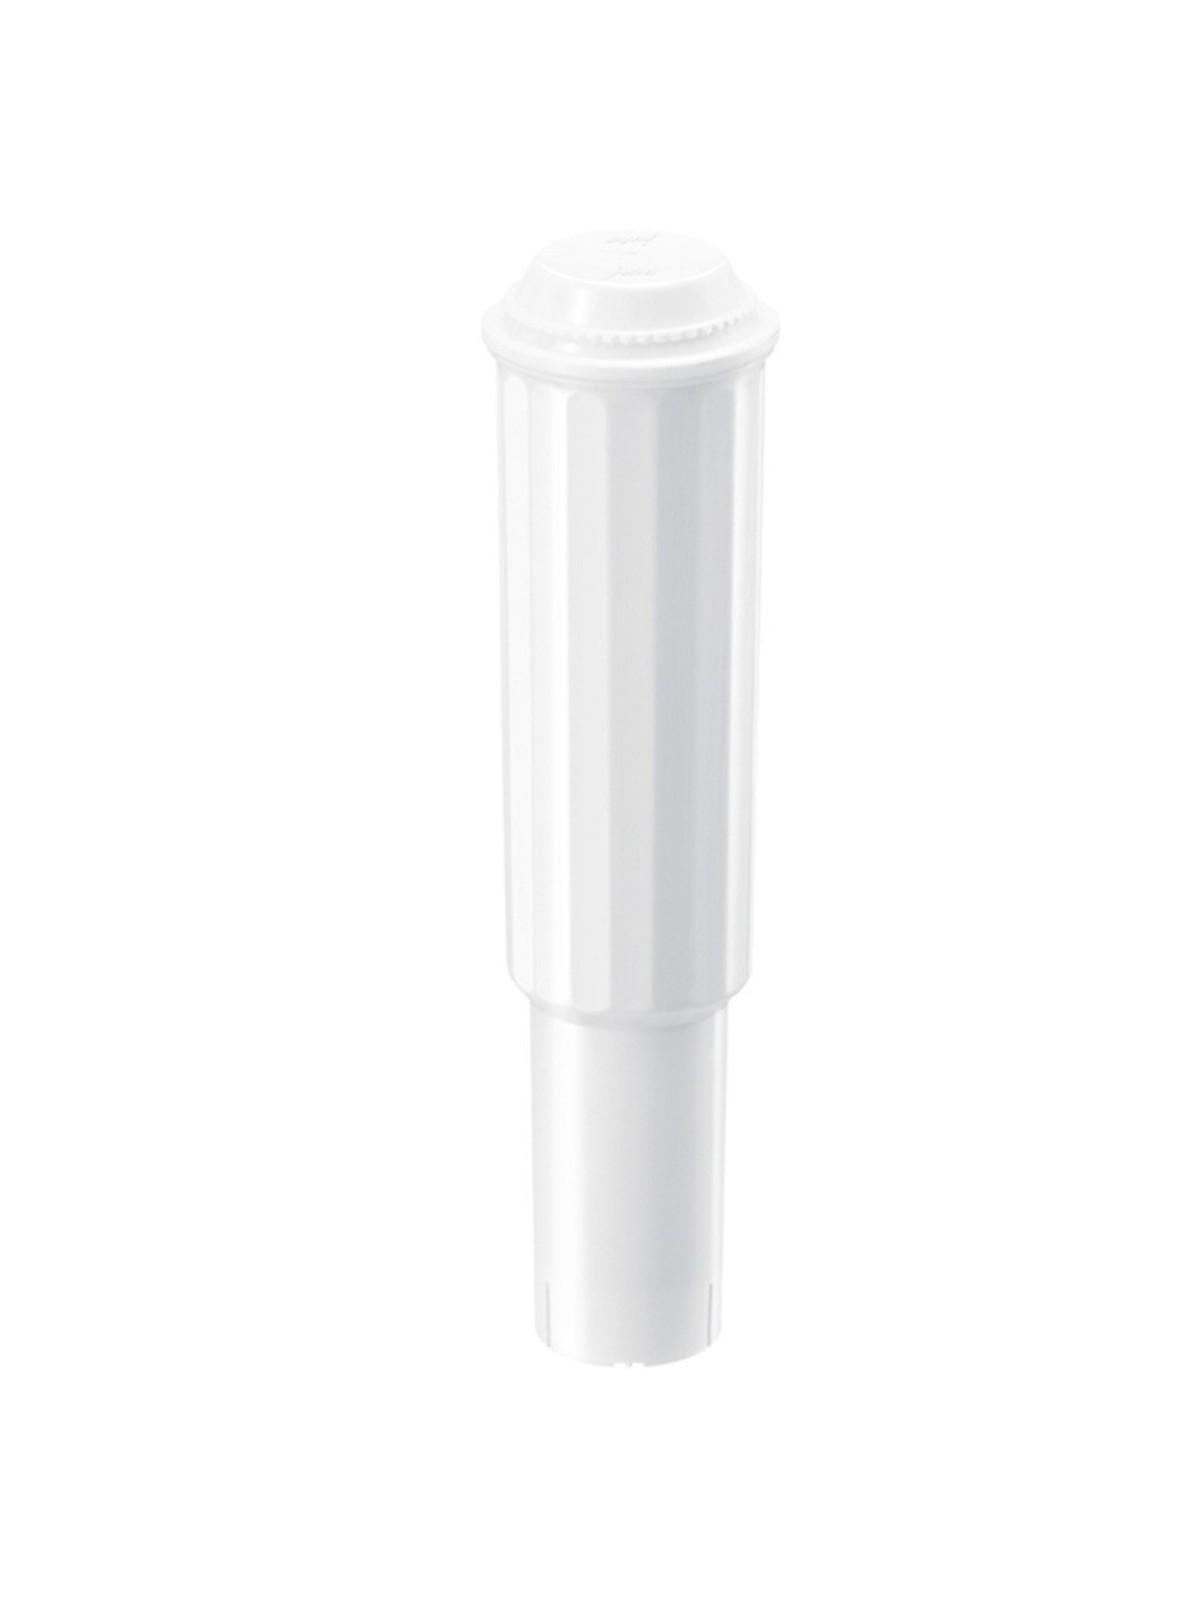 JURA Water Filter Claris White